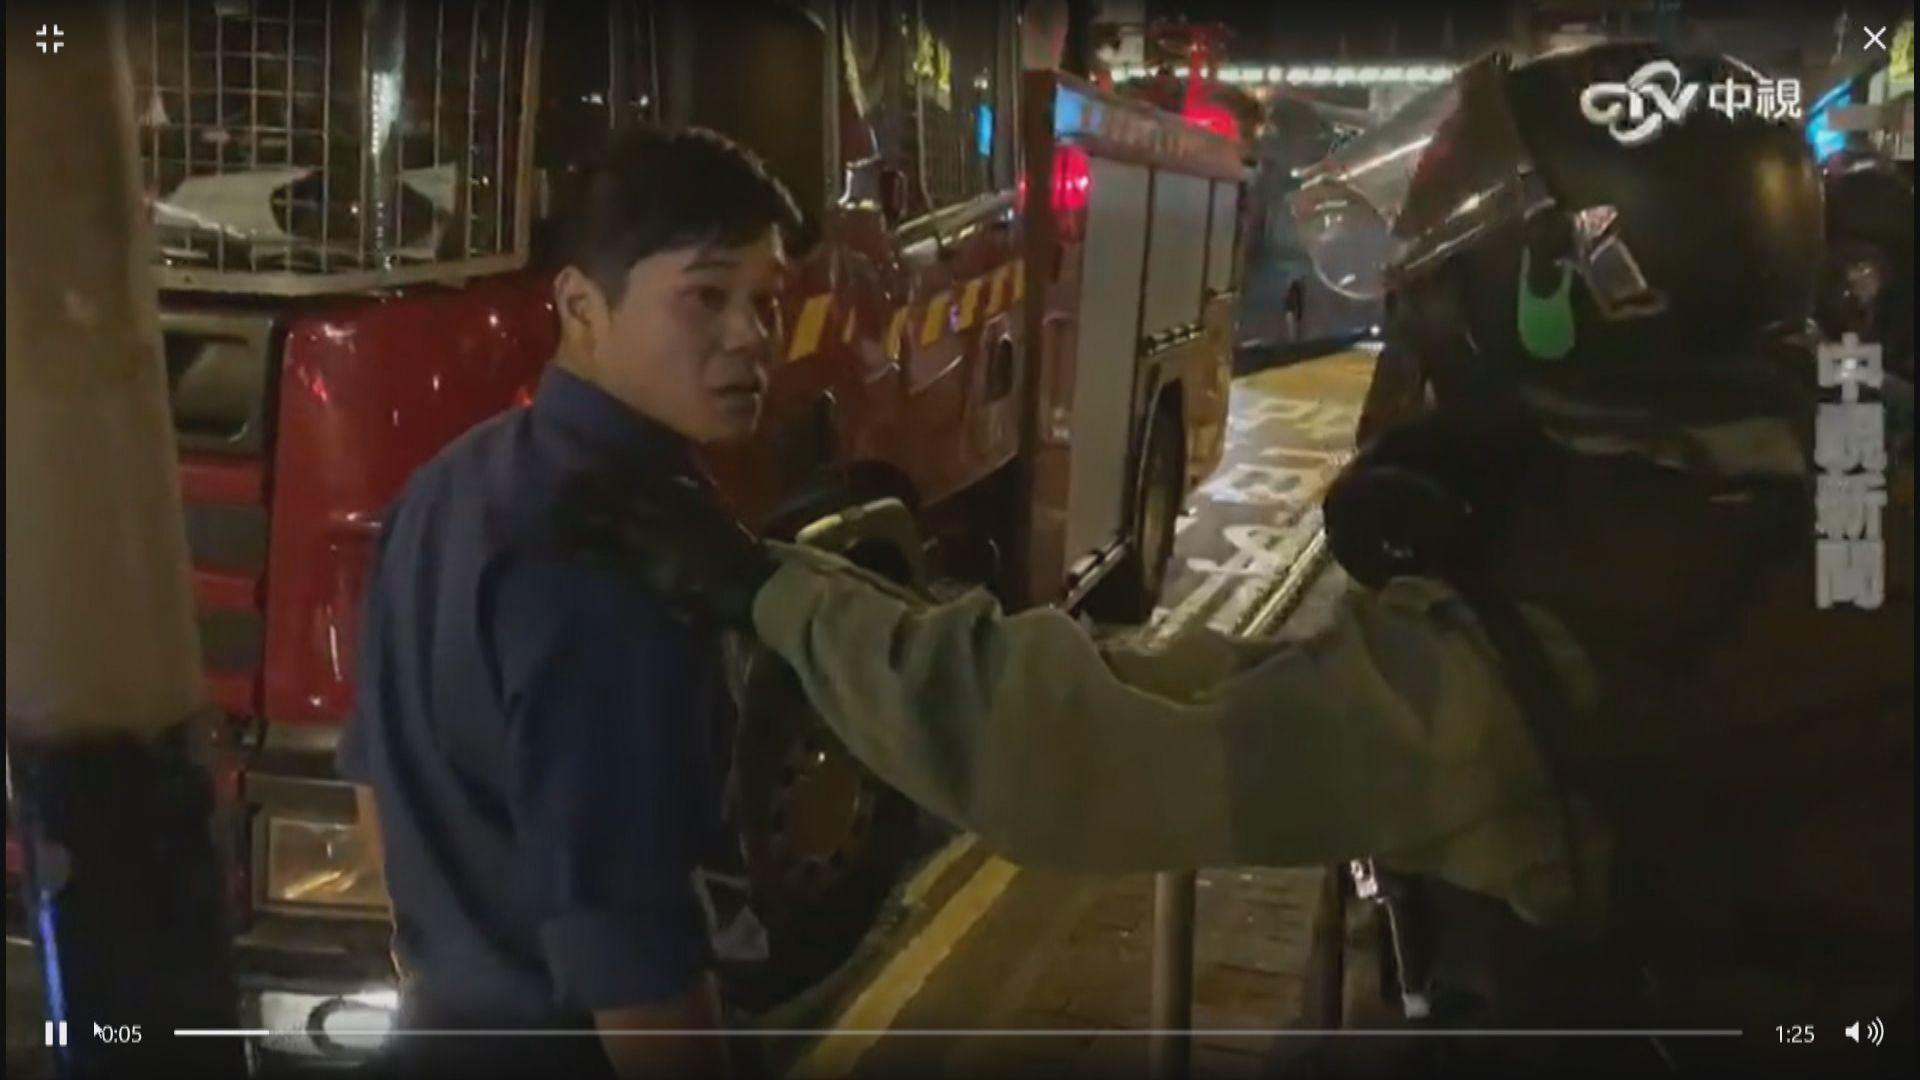 消防處強調與警員理論的消防員無被追究